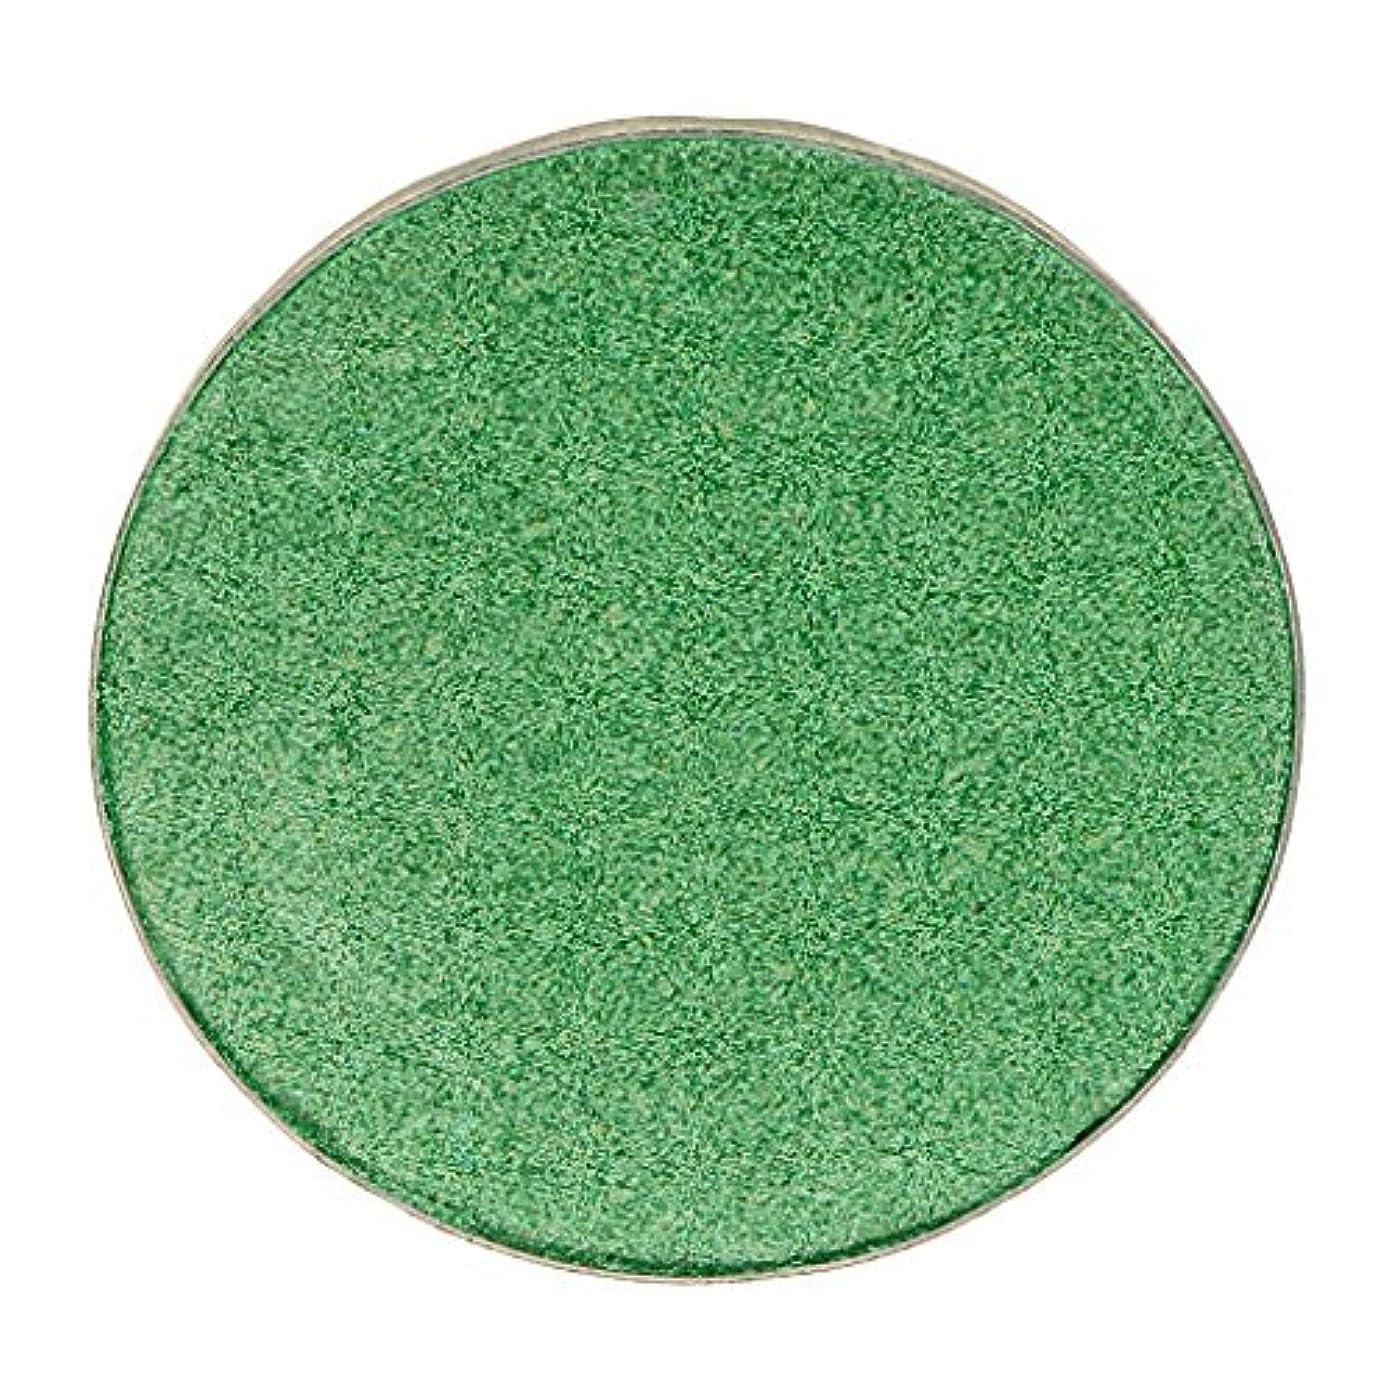 モットー特徴づける潜むSONONIA 化粧品用 アイシャドウ ハイライター パレット マット シマー アイシャドーメイク 結婚式 パーティー 全5色 - #38グリーン